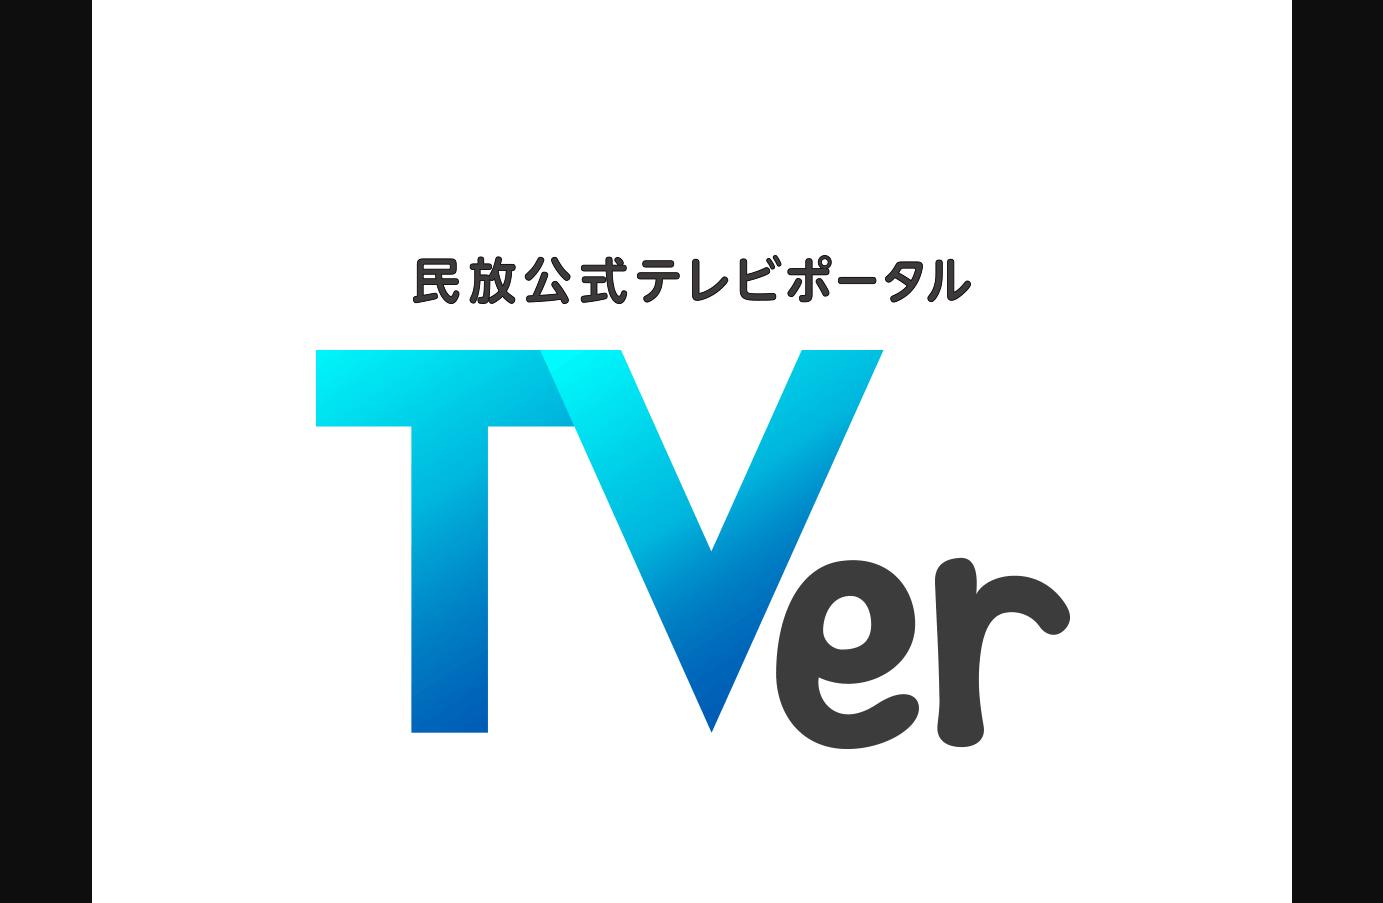 【完全無料】TVer(ティーバー)徹底紹介